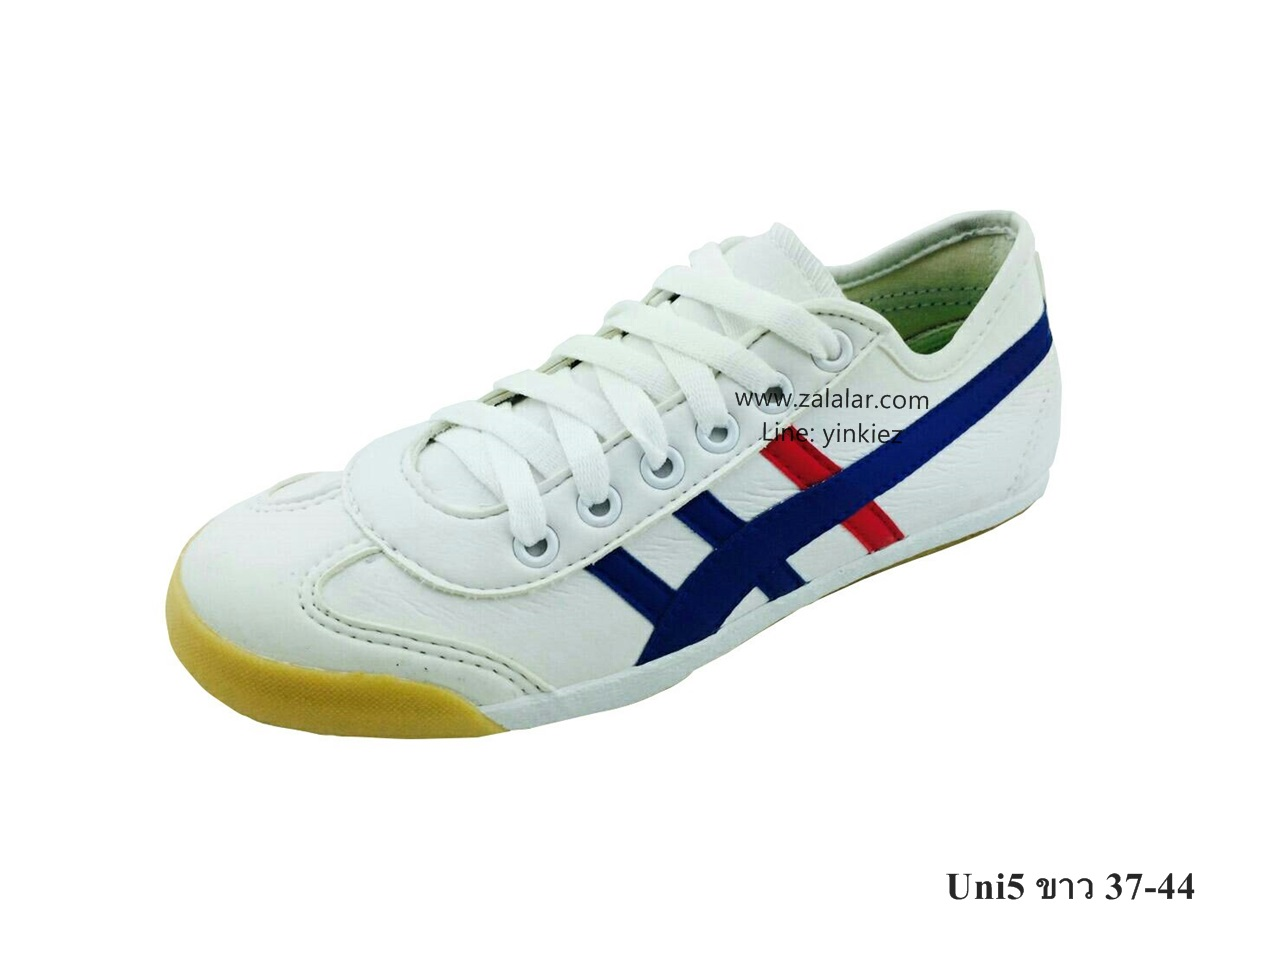 [พร้อมส่ง] รองเท้าผ้าใบแฟชั่น รุ่น Uni5 สีขาว แบบหนัง